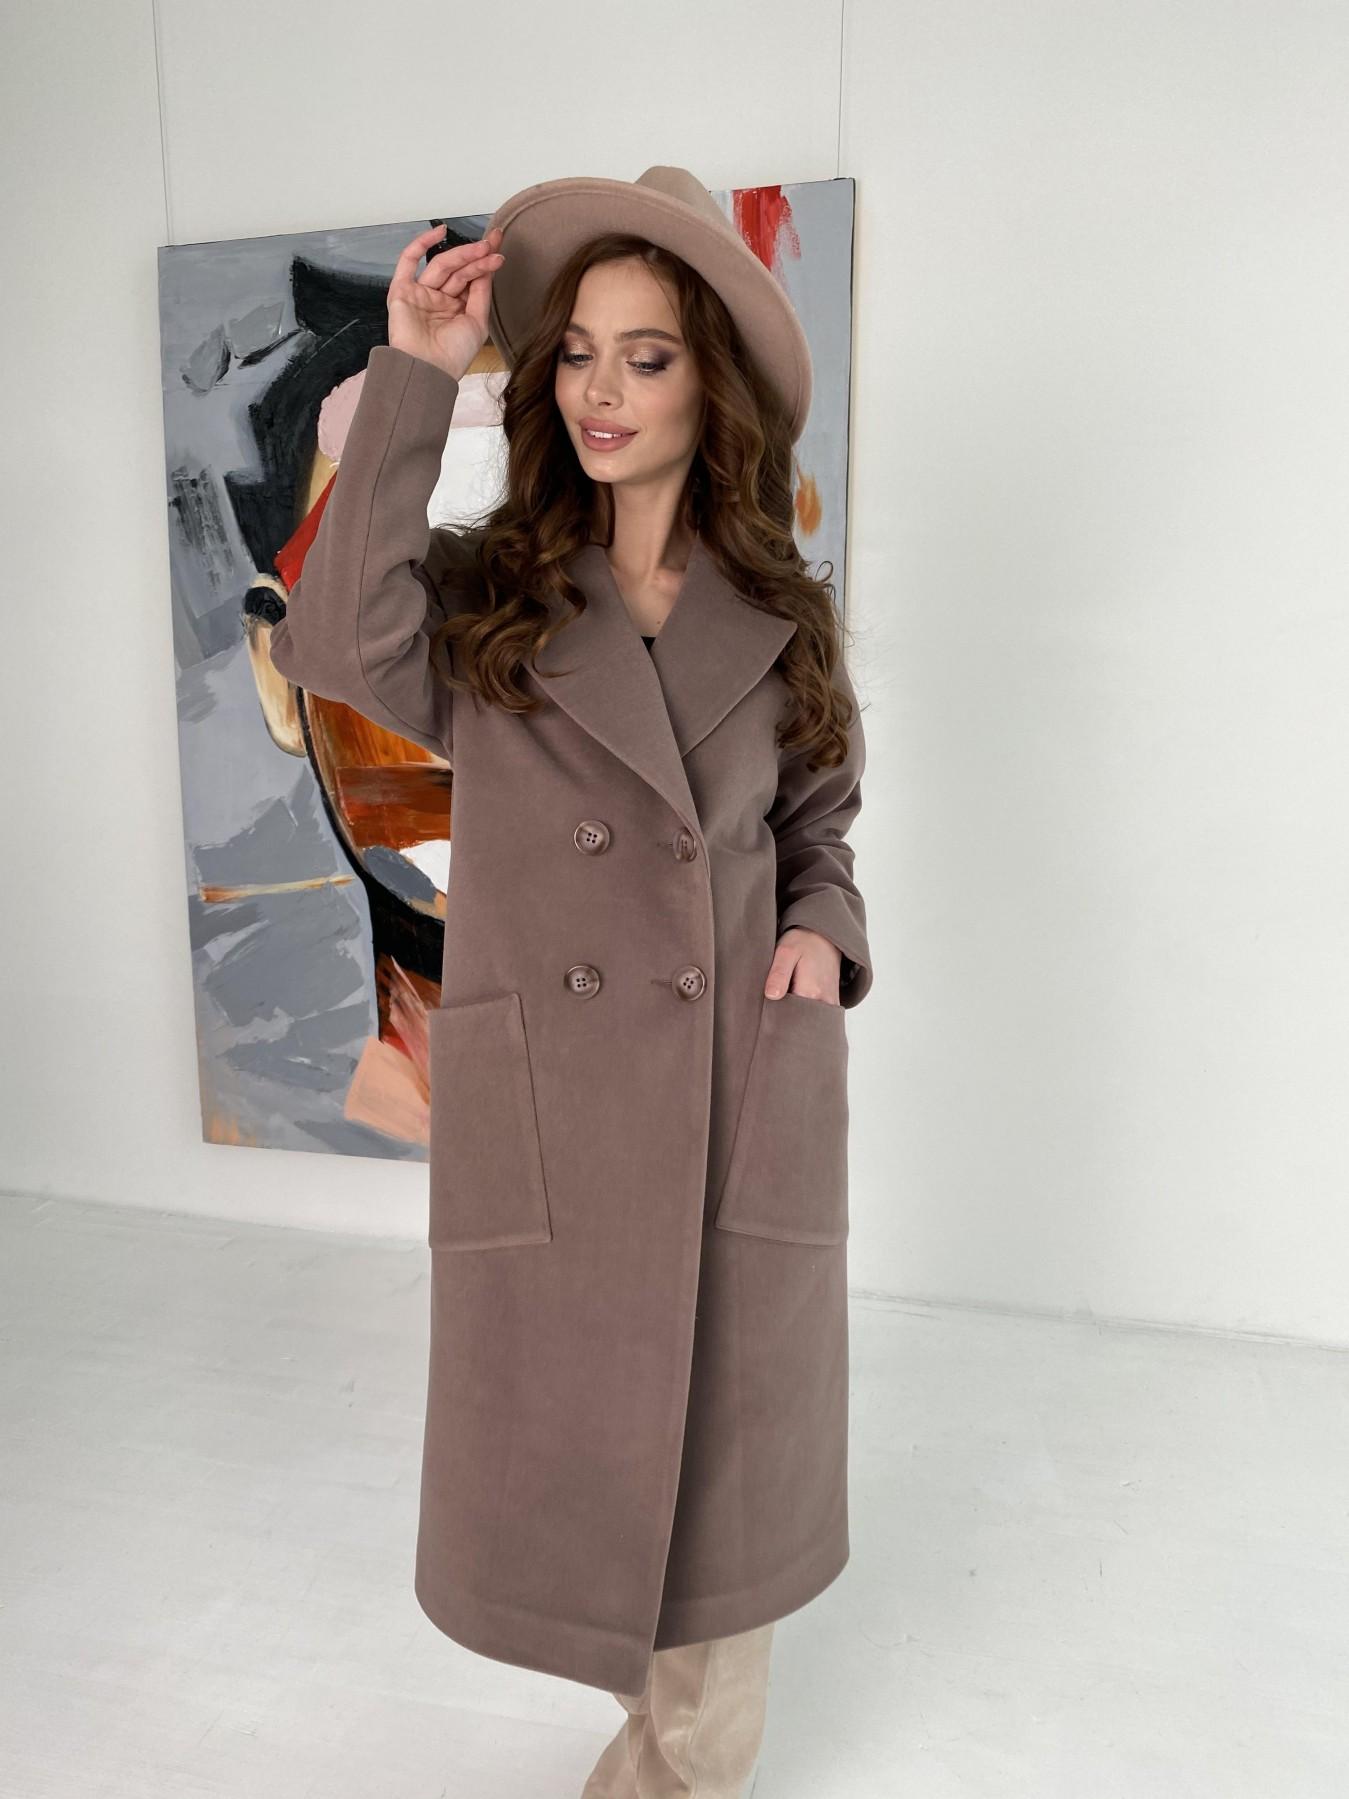 Свайп макси пальто из кашемира на трикотаже 10619 АРТ. 46998 Цвет: Кофе - фото 3, интернет магазин tm-modus.ru